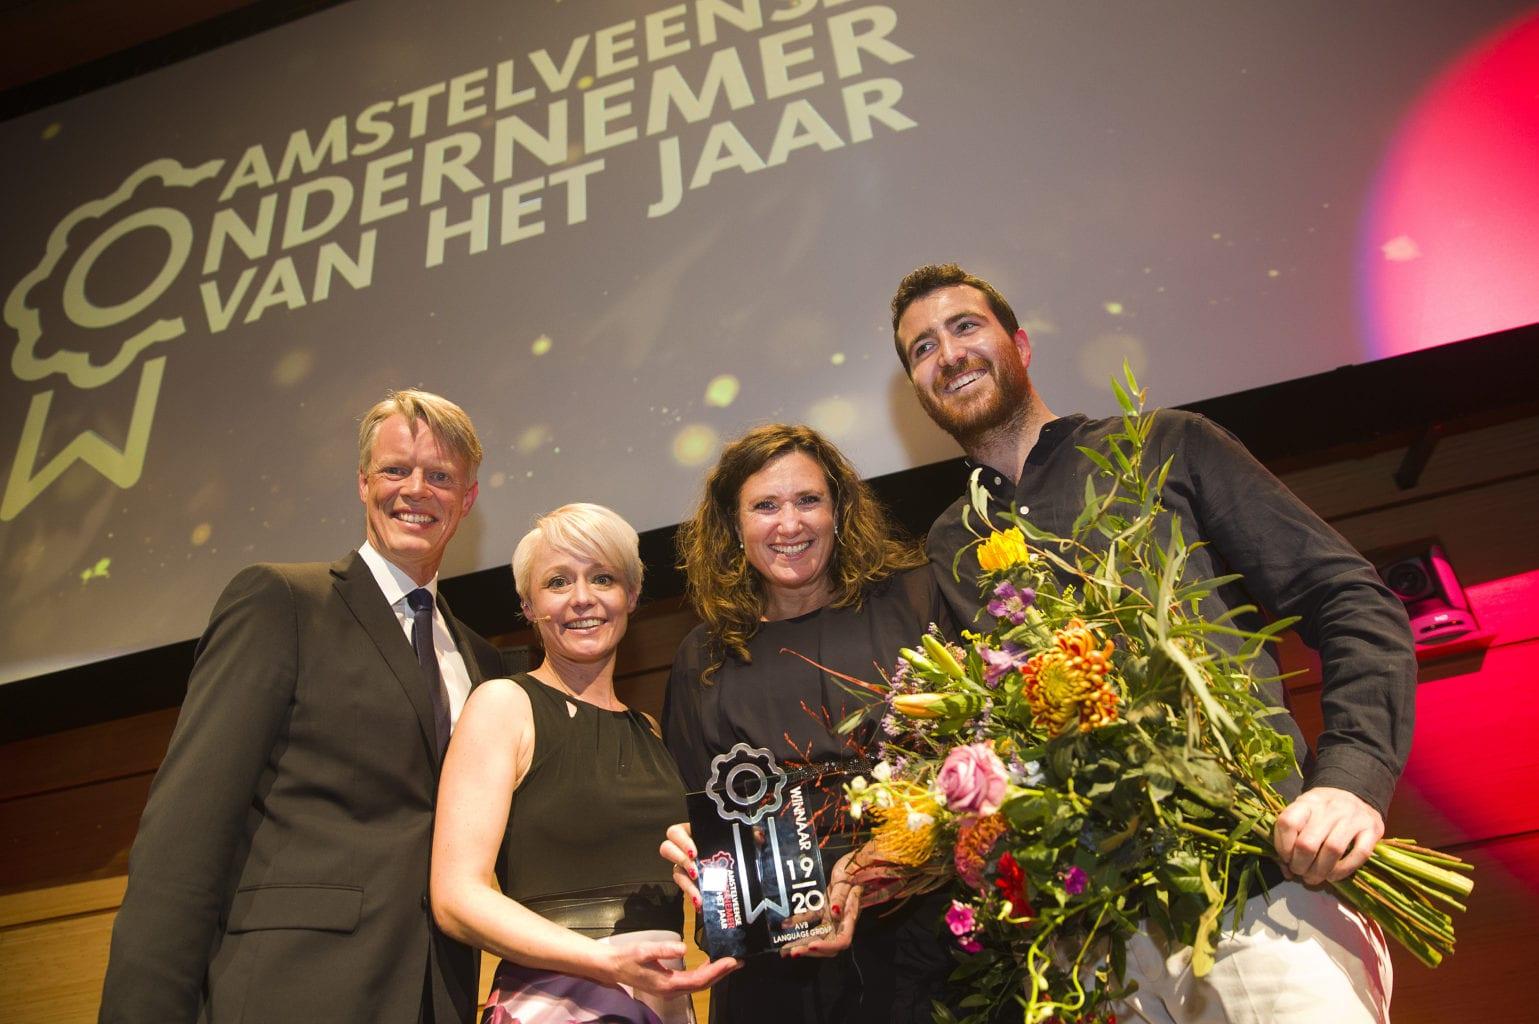 AVB Ondernemer van het jaar – Koudijs wint publieksprijs - Amstelveenblog.nl